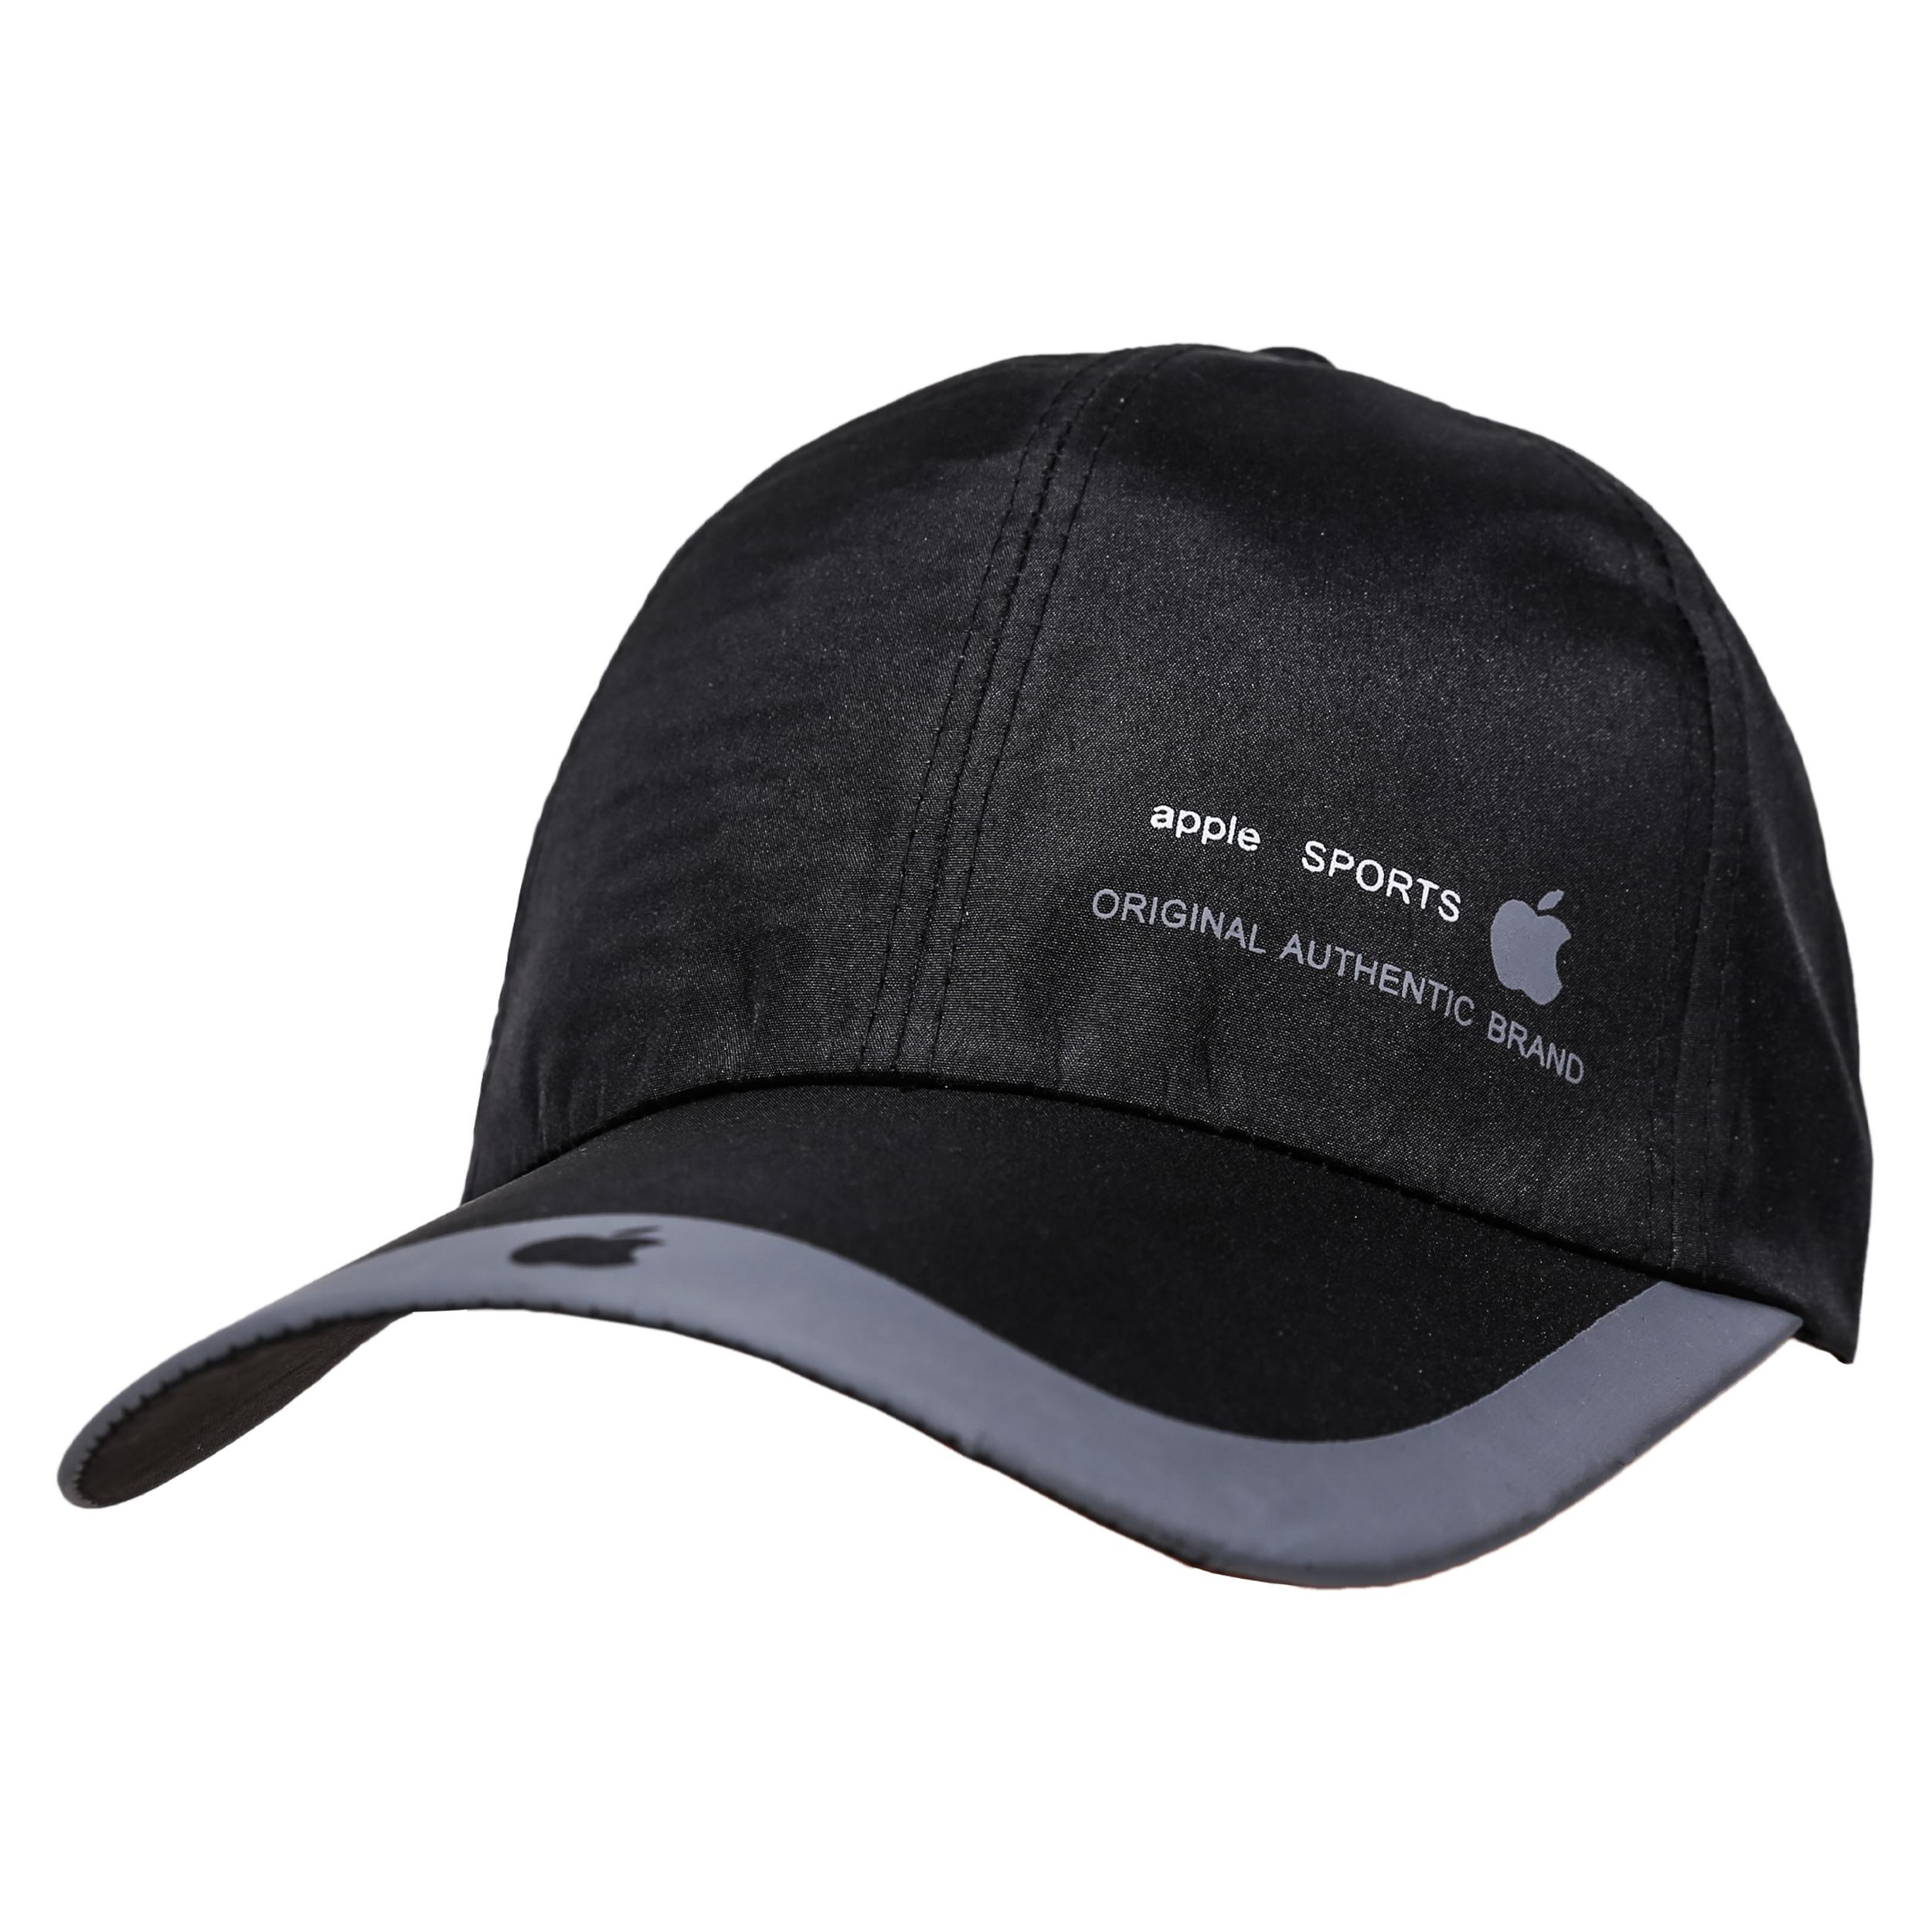 کلاه آفتابگیر مدل APL01